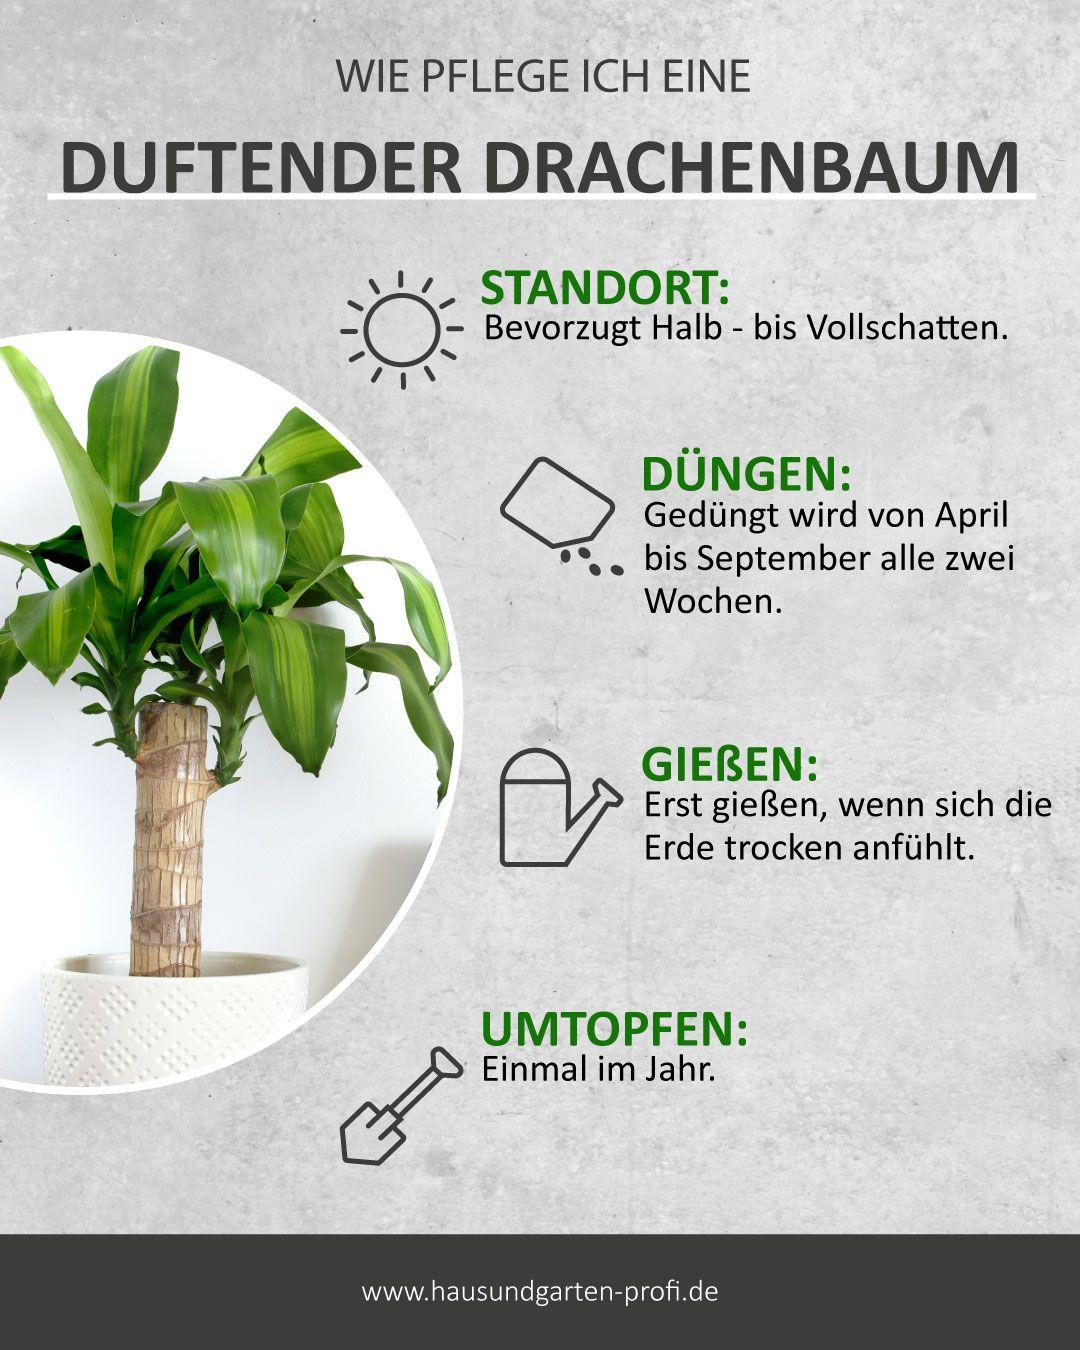 Drachenbaum Standort Tricks Und Tipps Zum Thema Pflege Giessen Dungen Standort In 2020 Ungewohnliche Pflanzen Pflanzen Pflege Garten Pflanzen